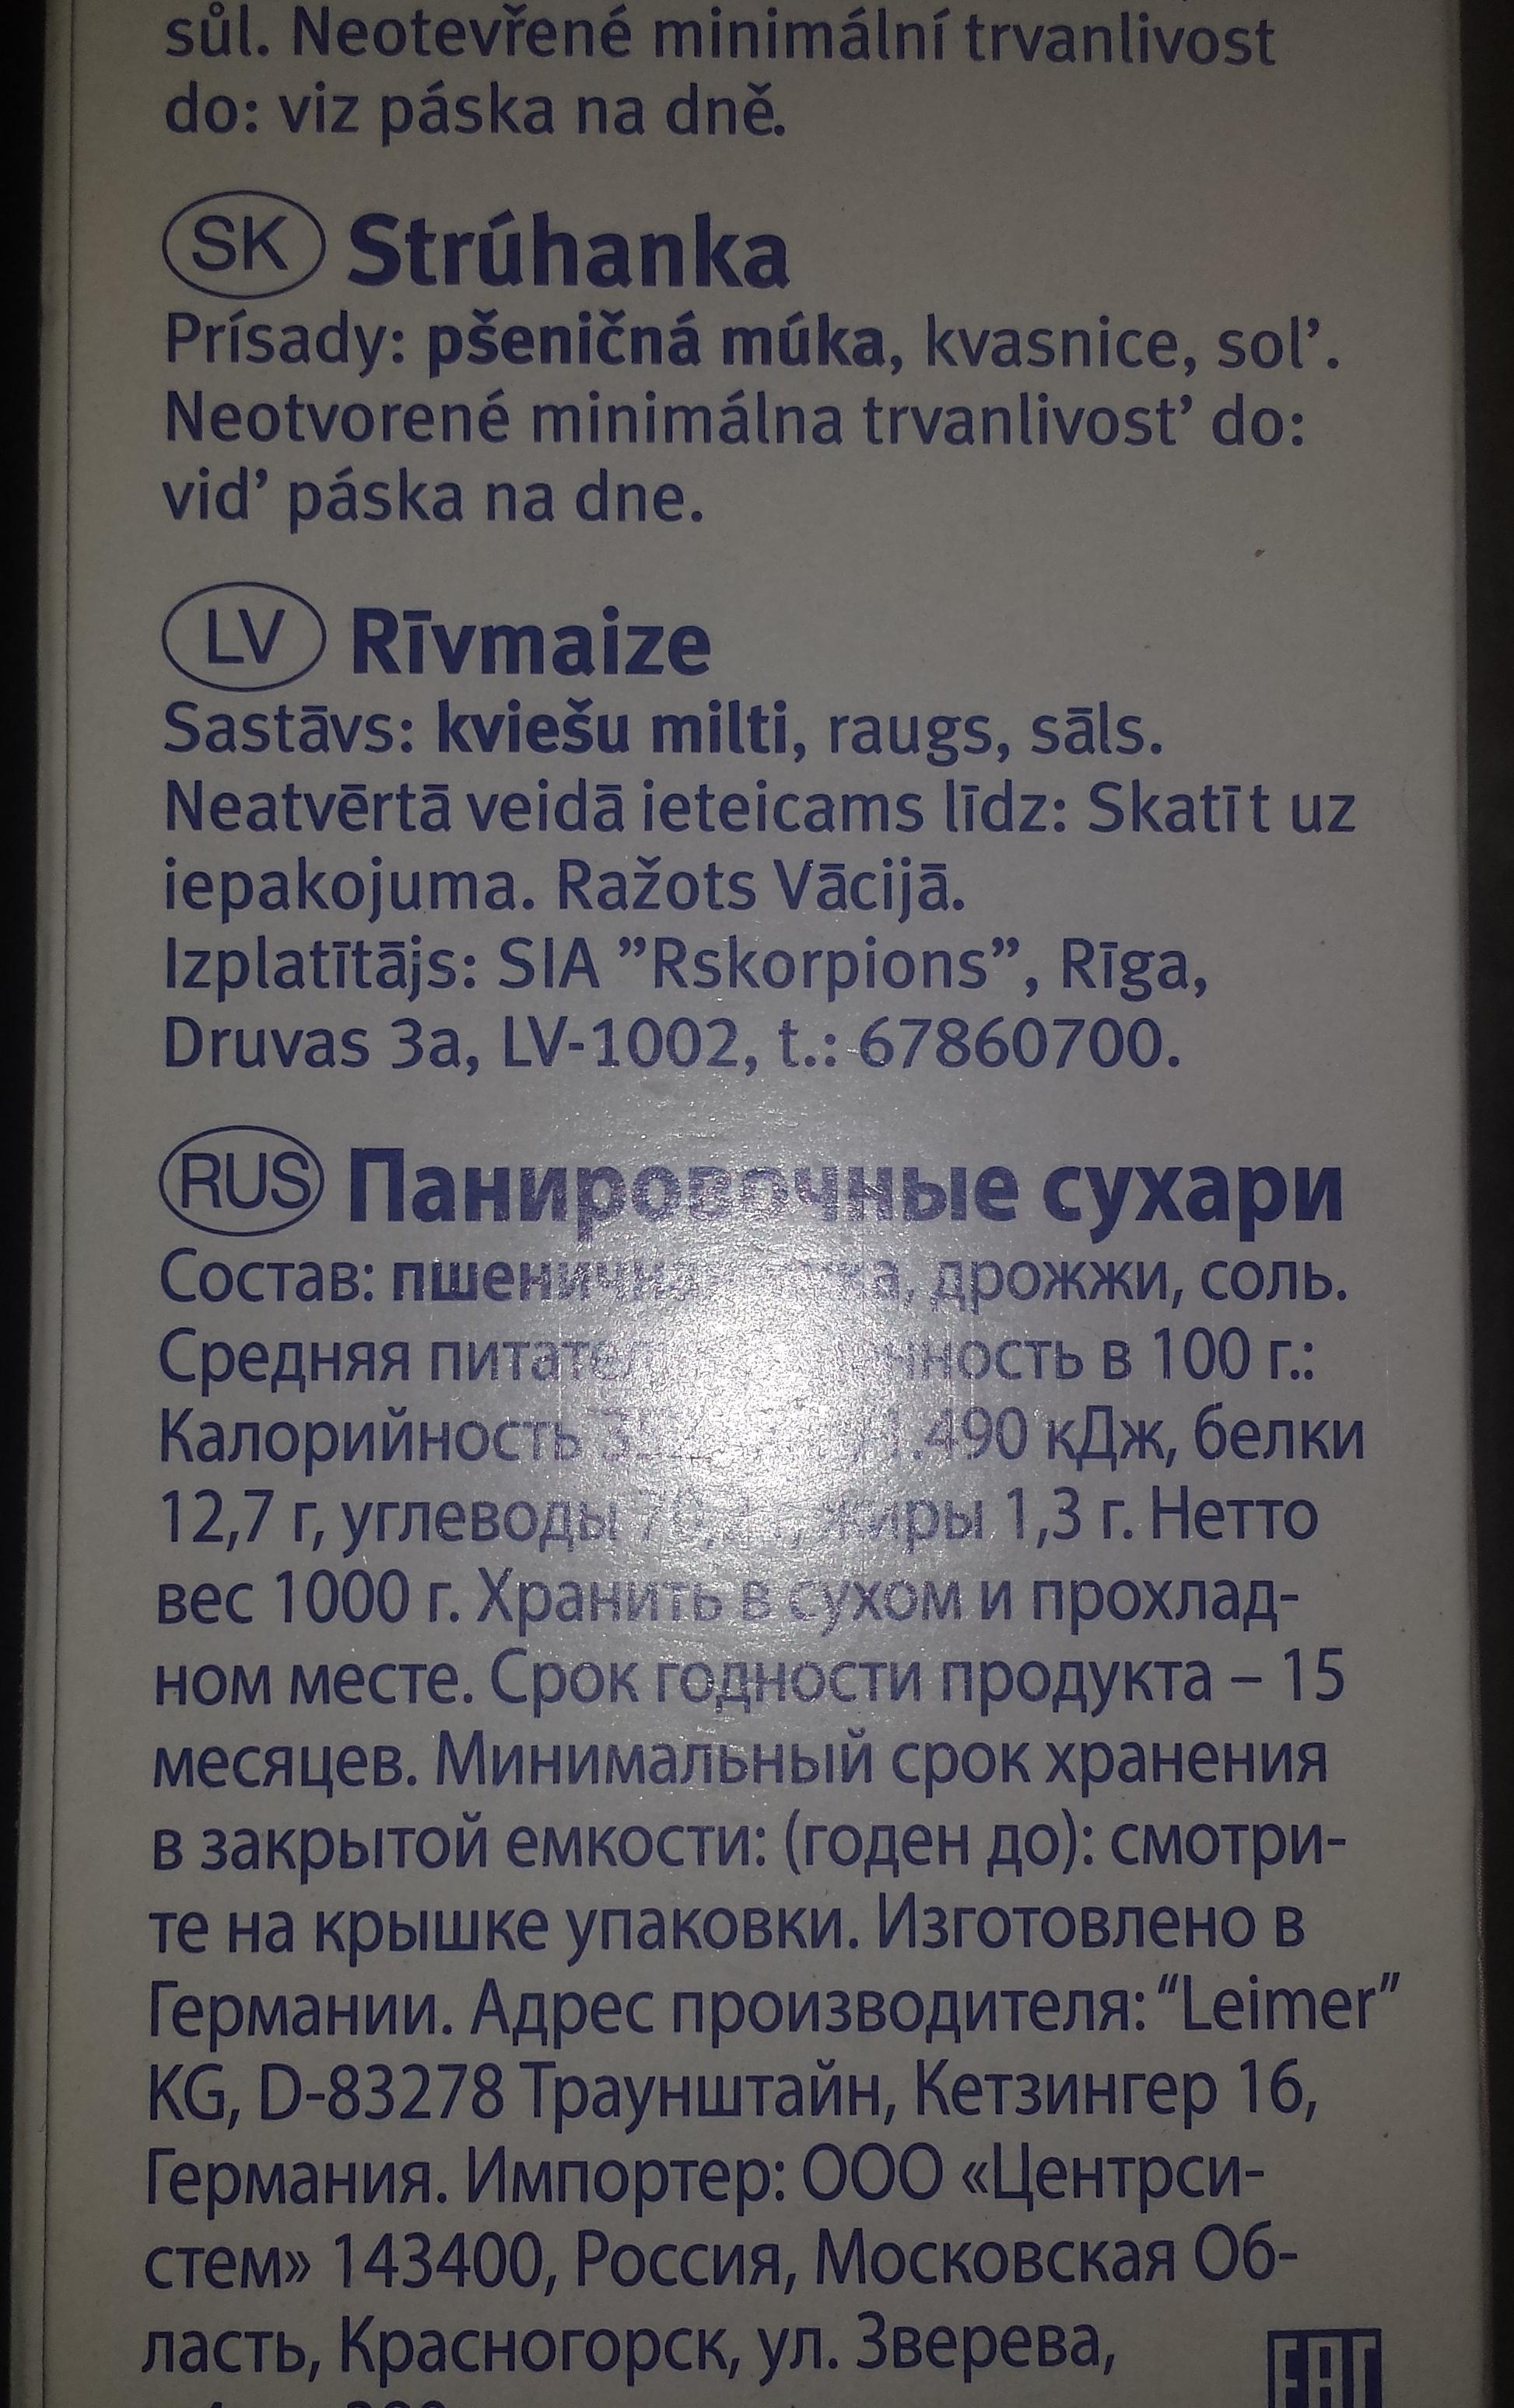 http://lanekss.lv/